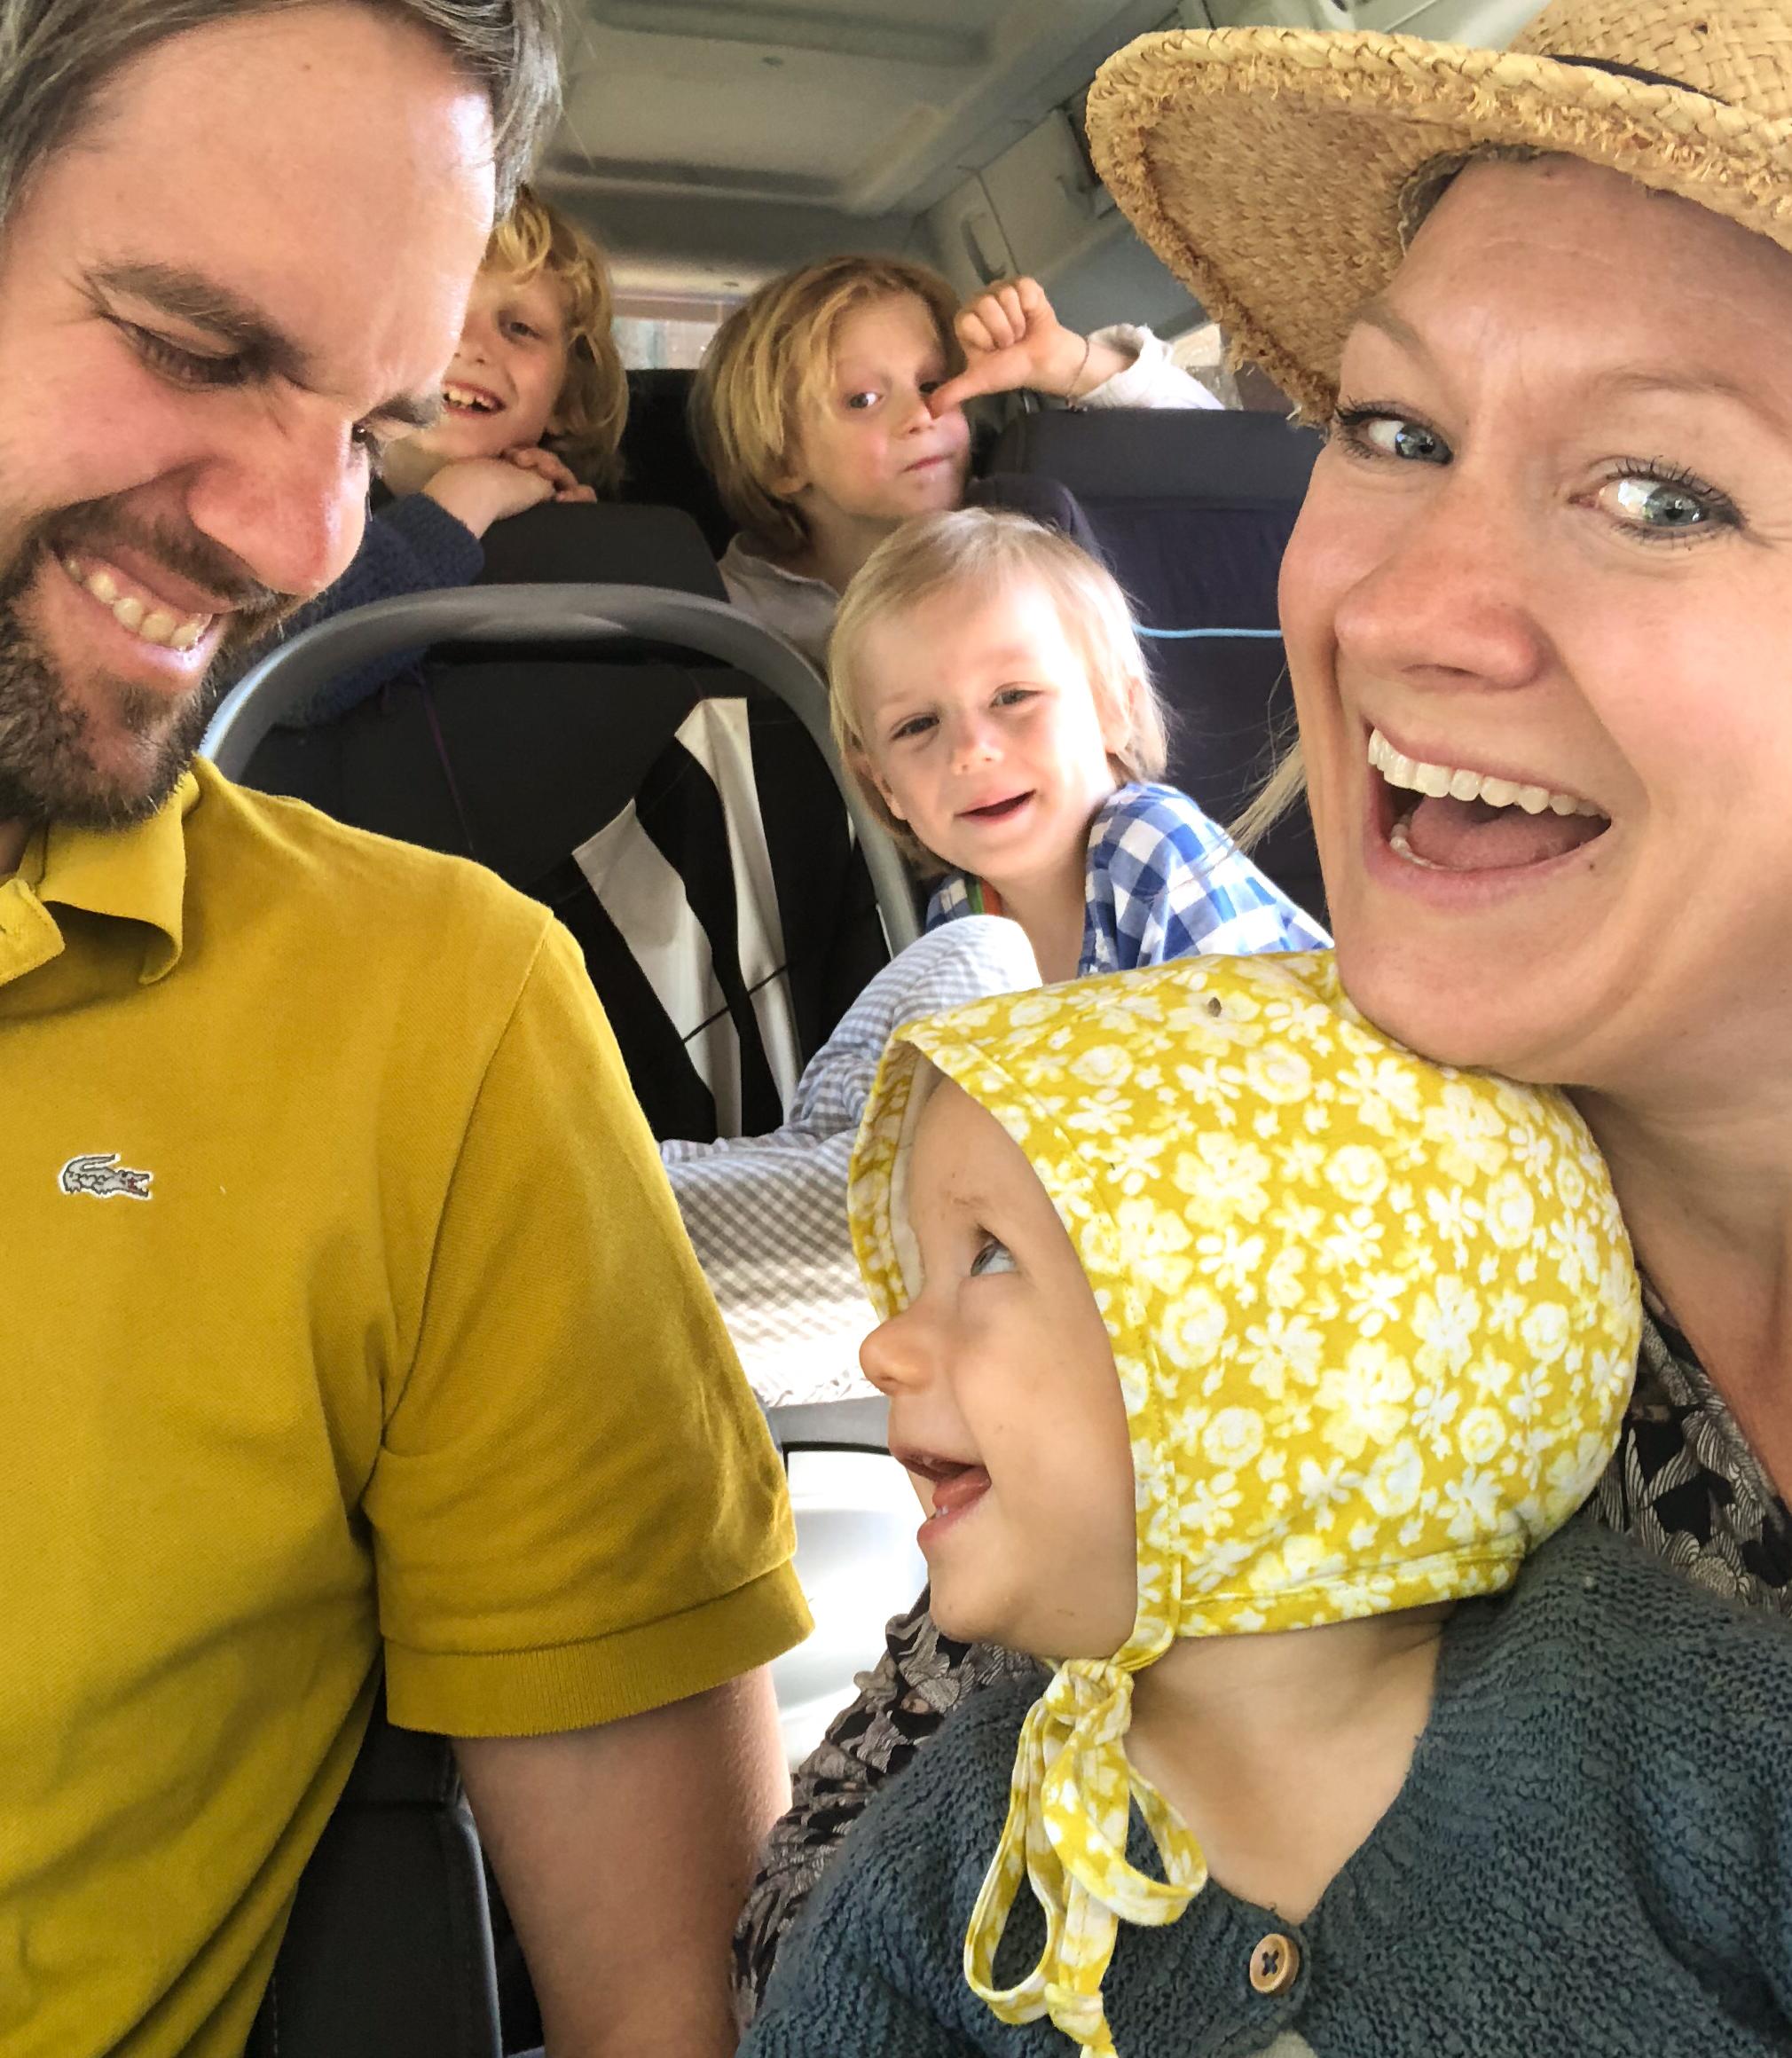 Autofahrten, Reisen mit Kindern, Spiele fürs auto, Tipps für lange autofahrten